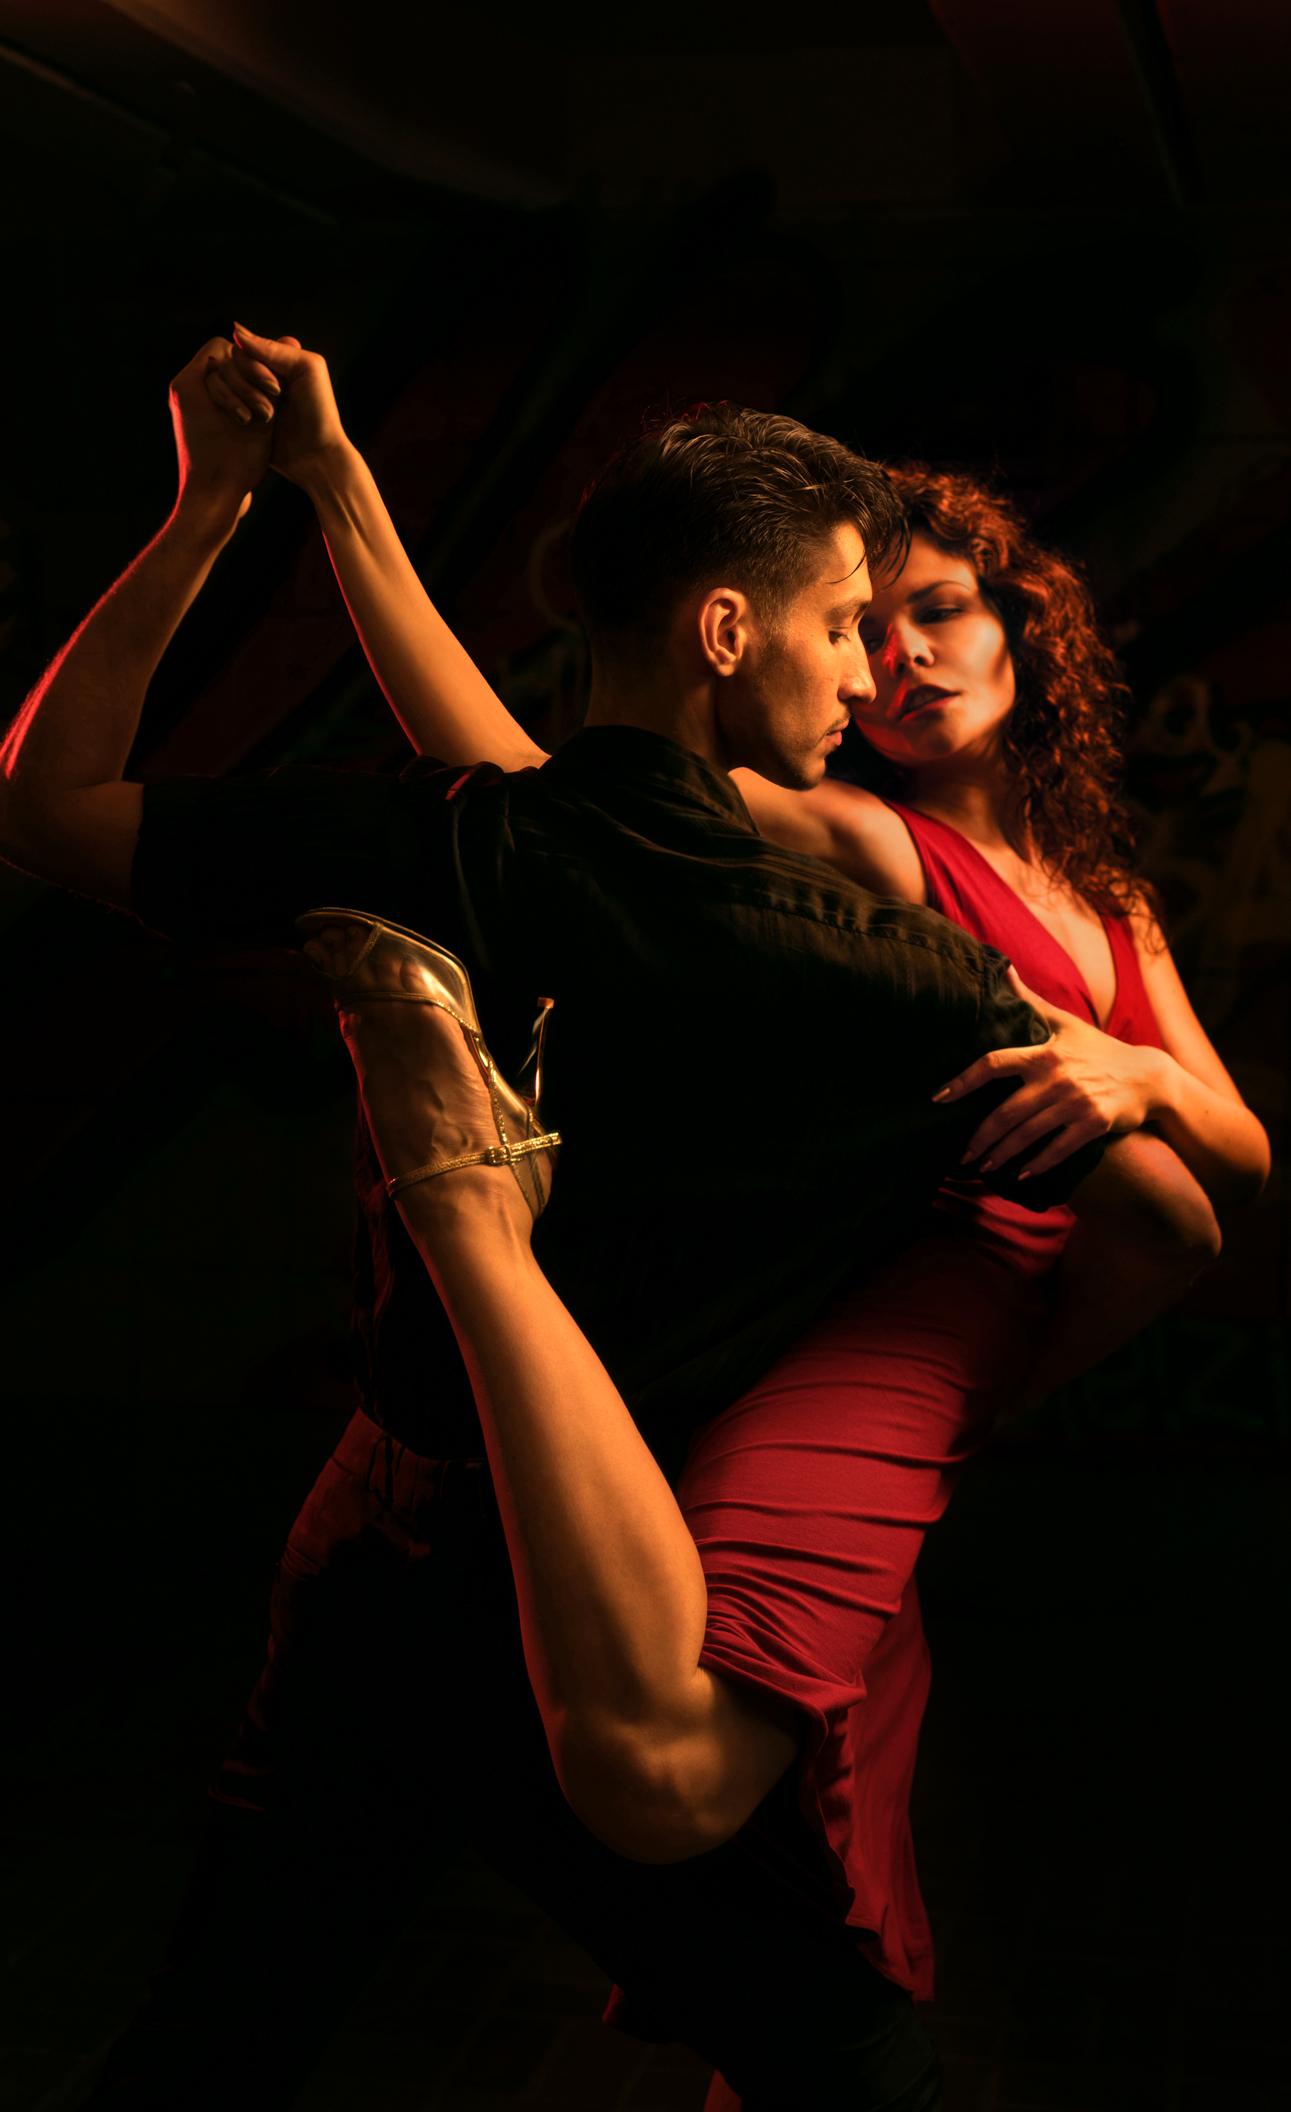 Обучение танго онлайн бесплатно реферат на тему обучение в украине